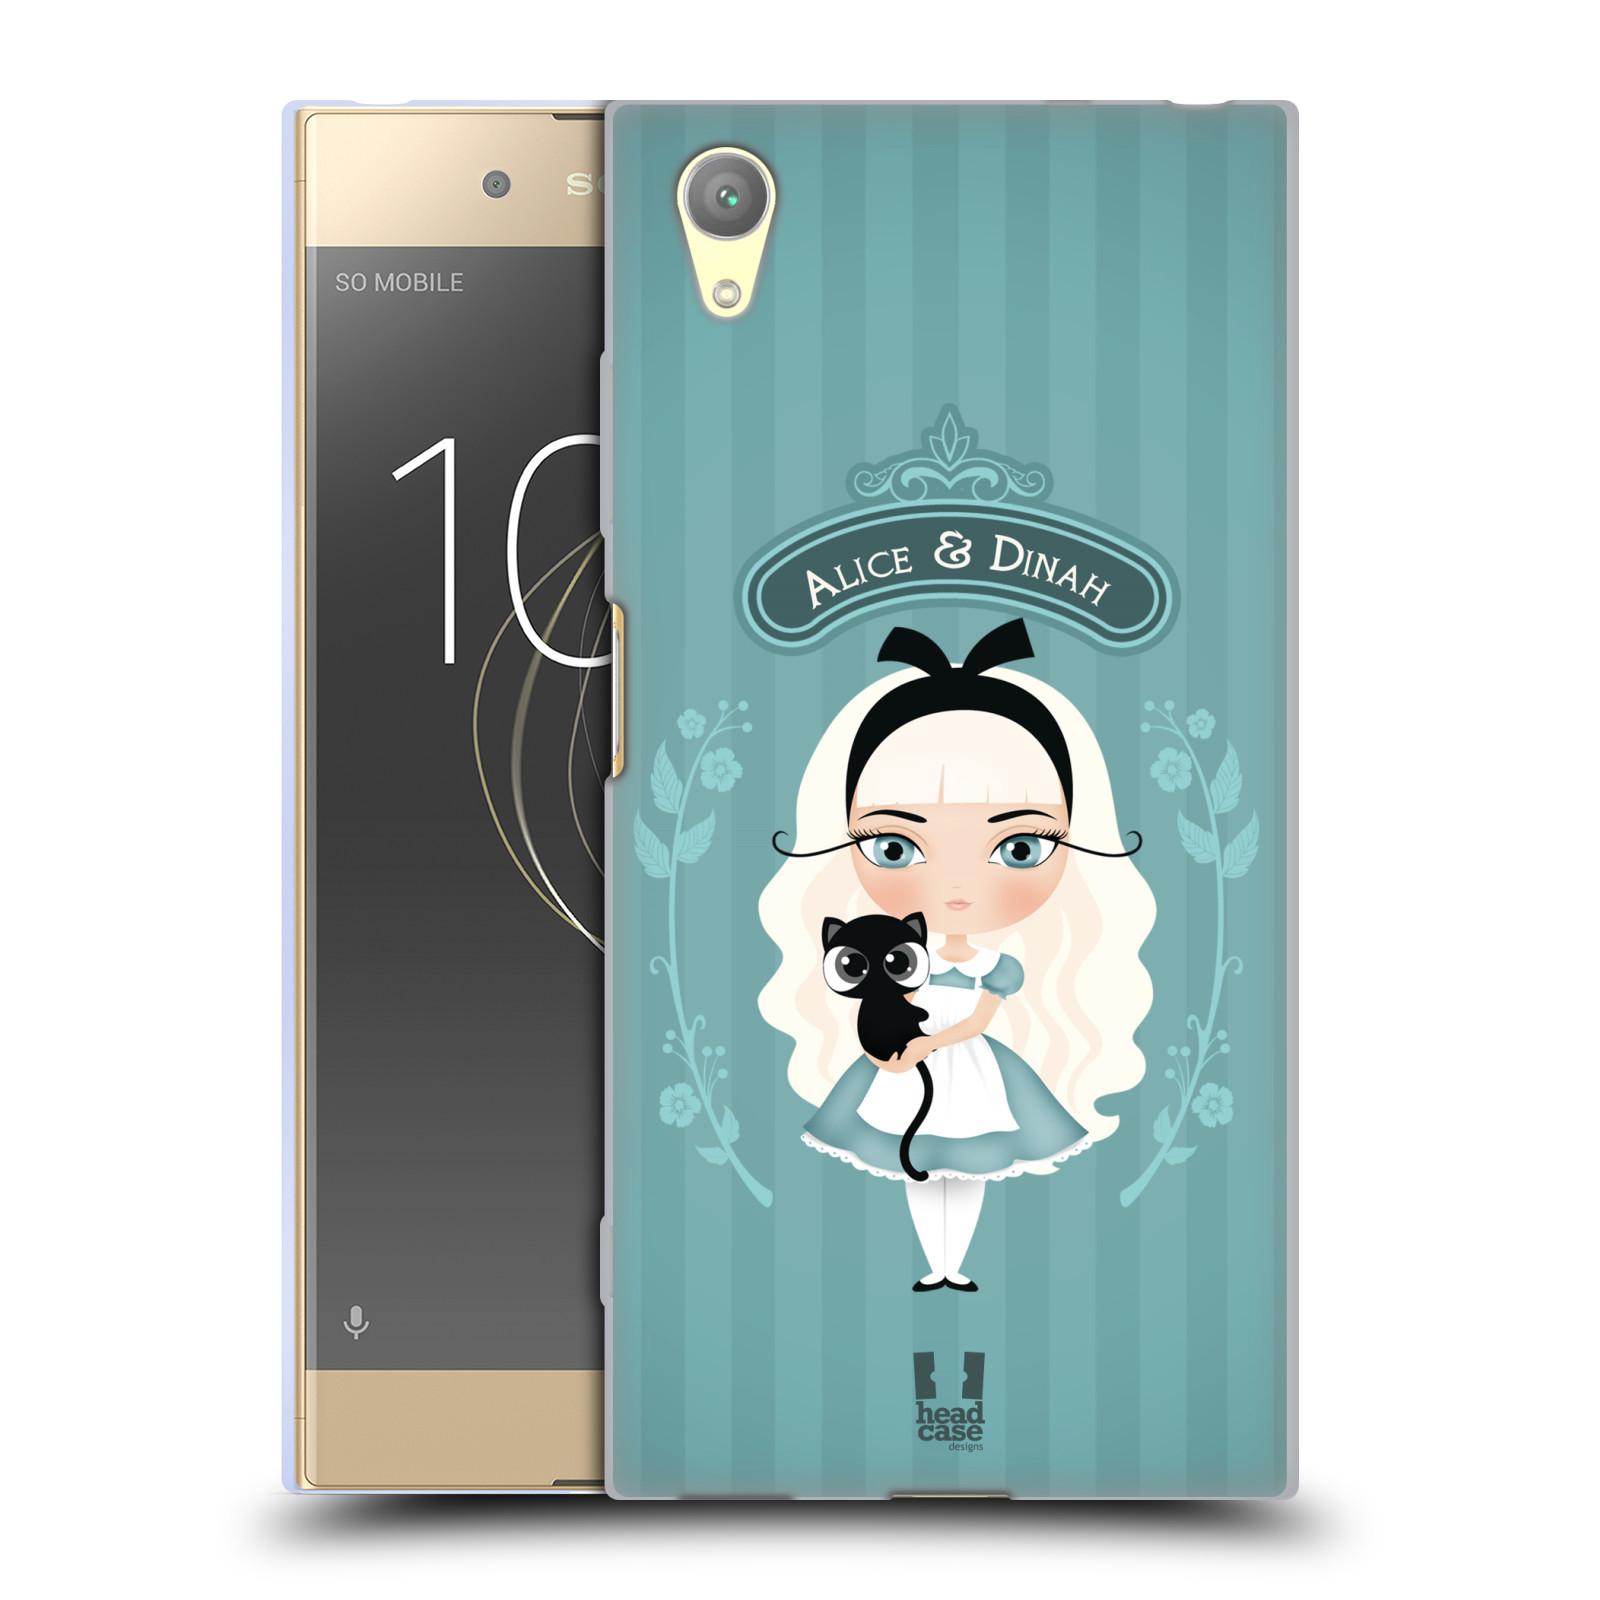 HEAD CASE silikonový obal na mobil Sony Xperia XA1 PLUS vzor Alenka v říši divů Alenka